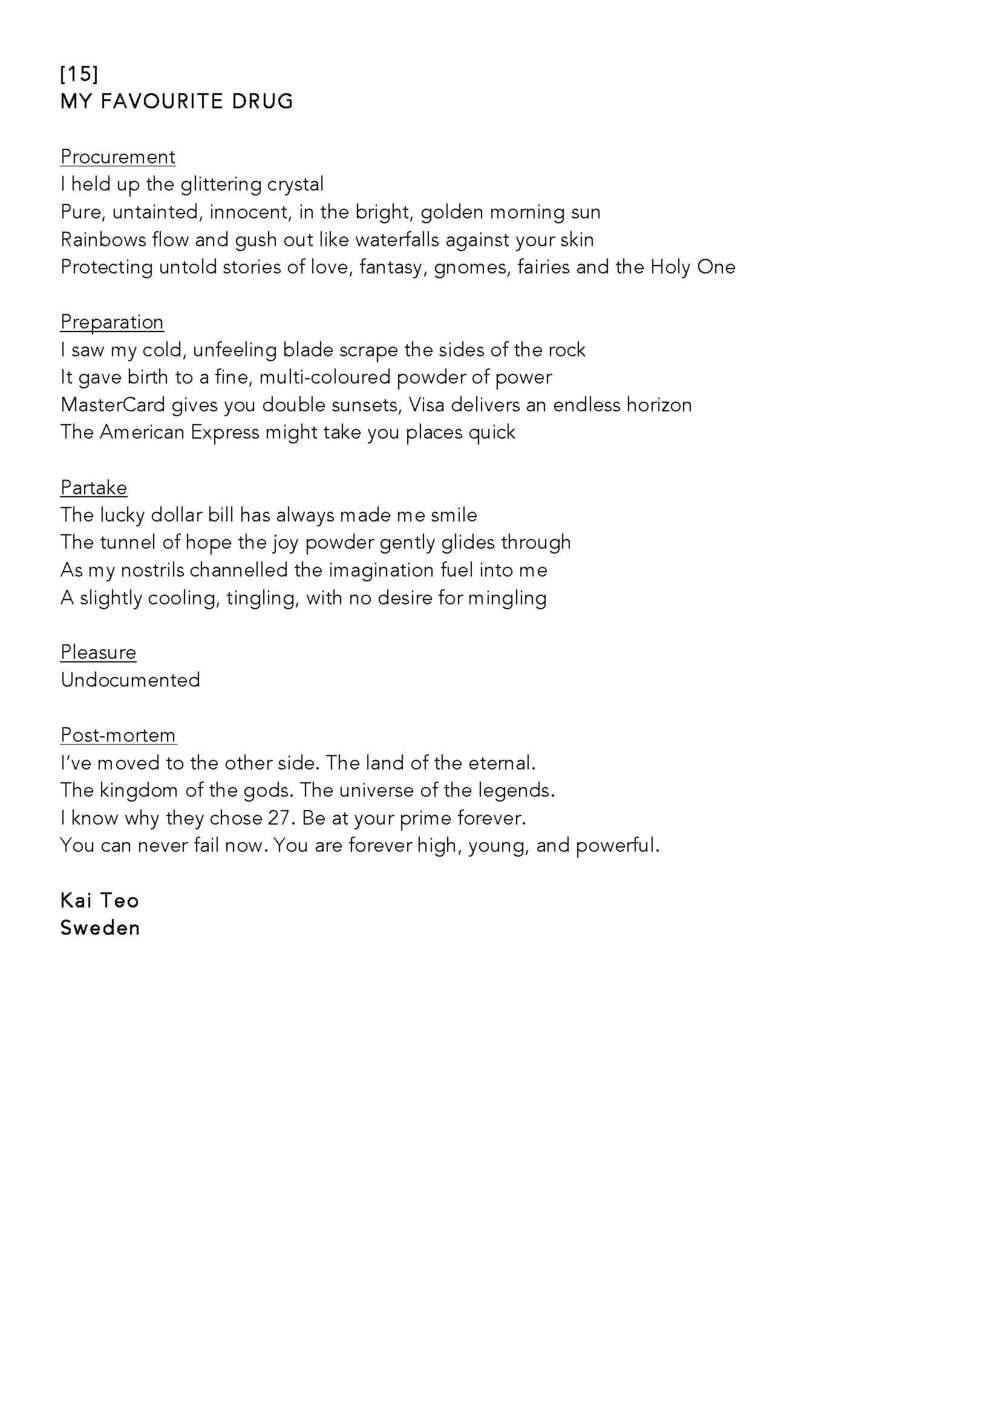 Jpegs_Page_15.jpg